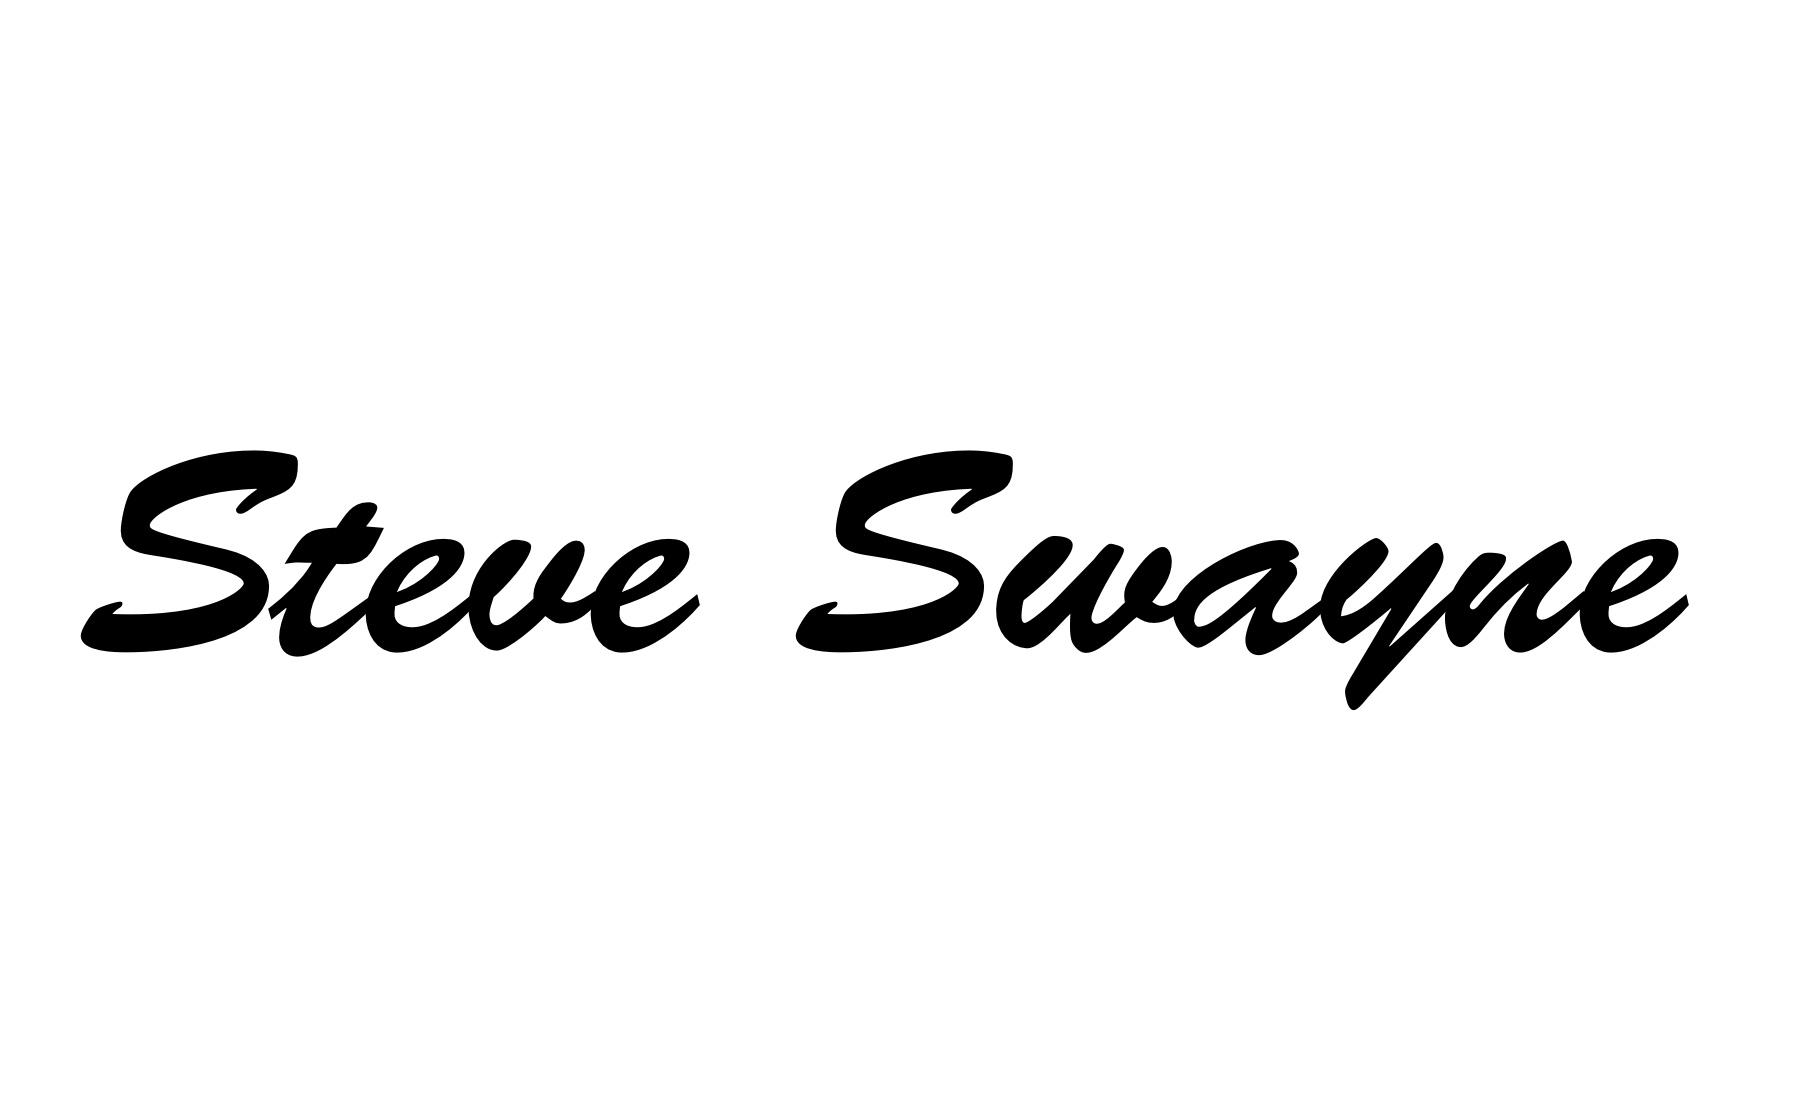 Steve Swayne Signature